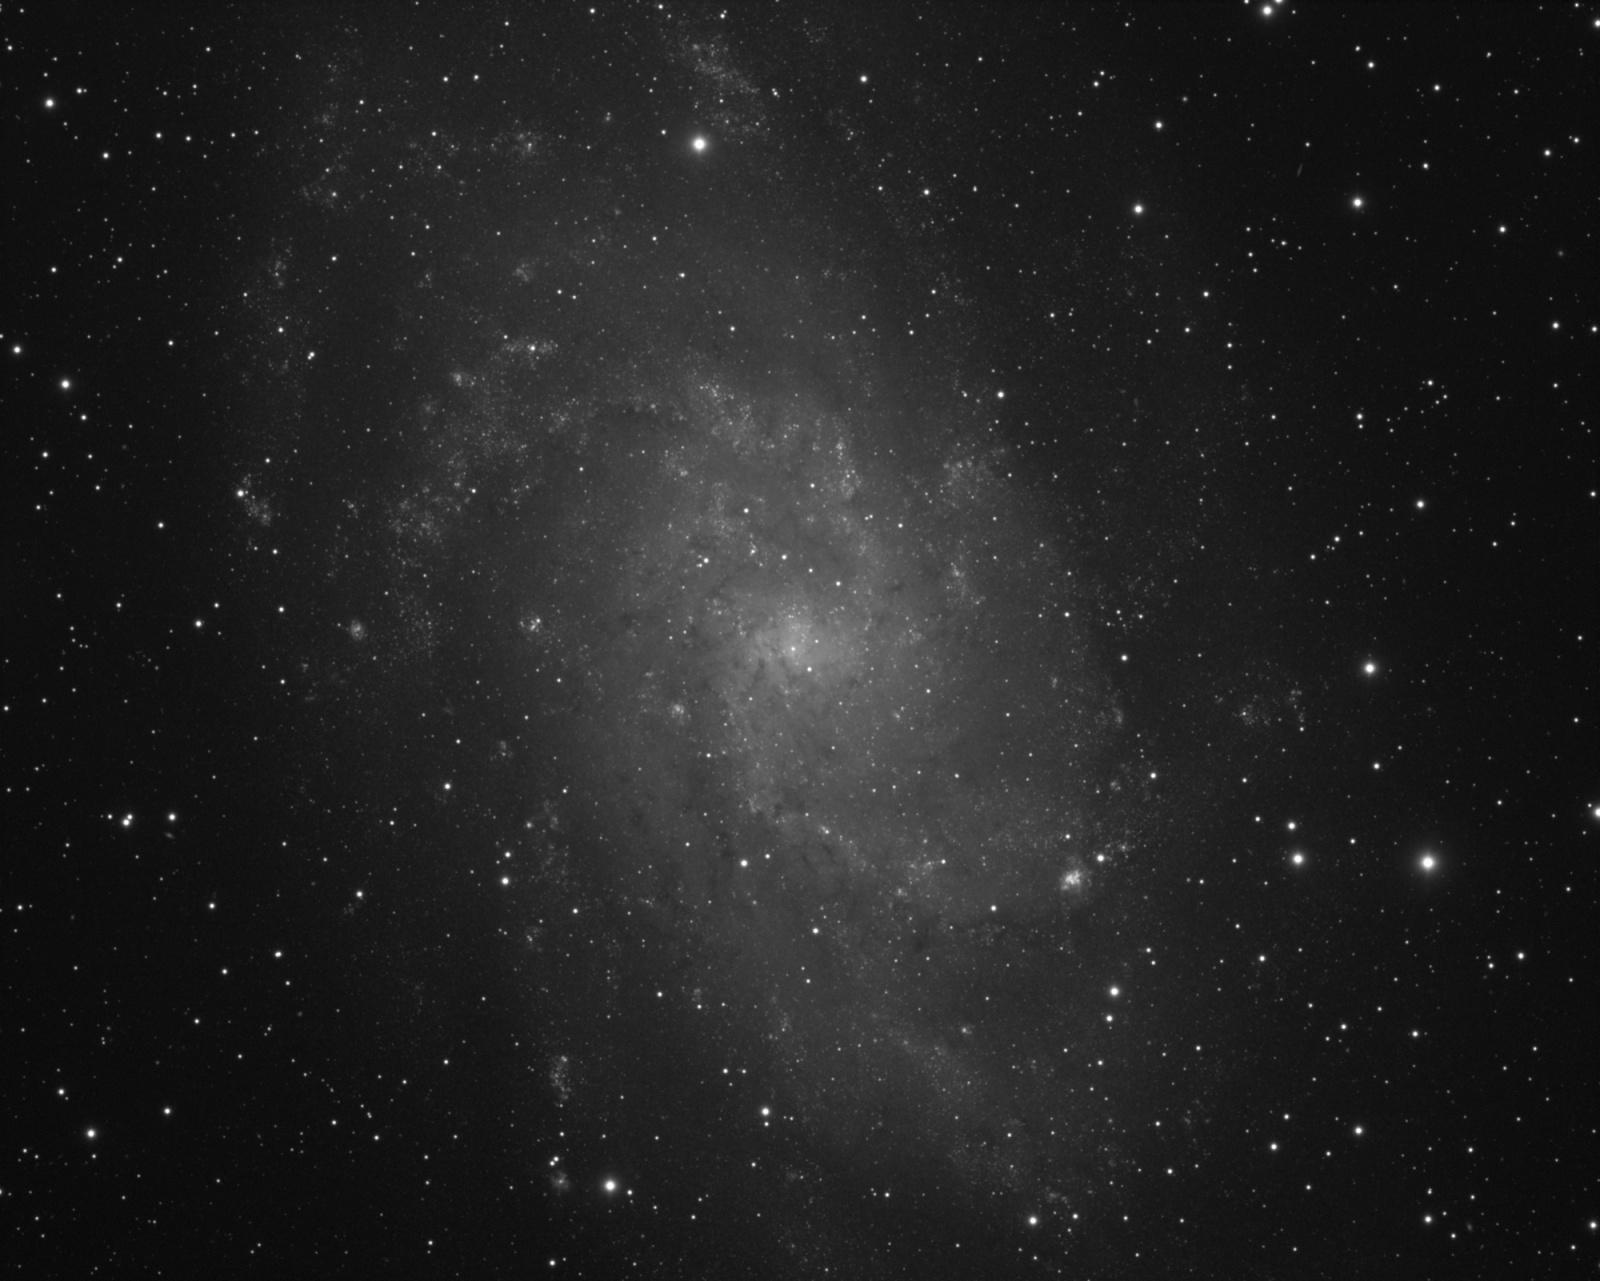 M33-Lj2000.thumb.jpg.e822b24902db8a093ae00cc35e04a290.jpg